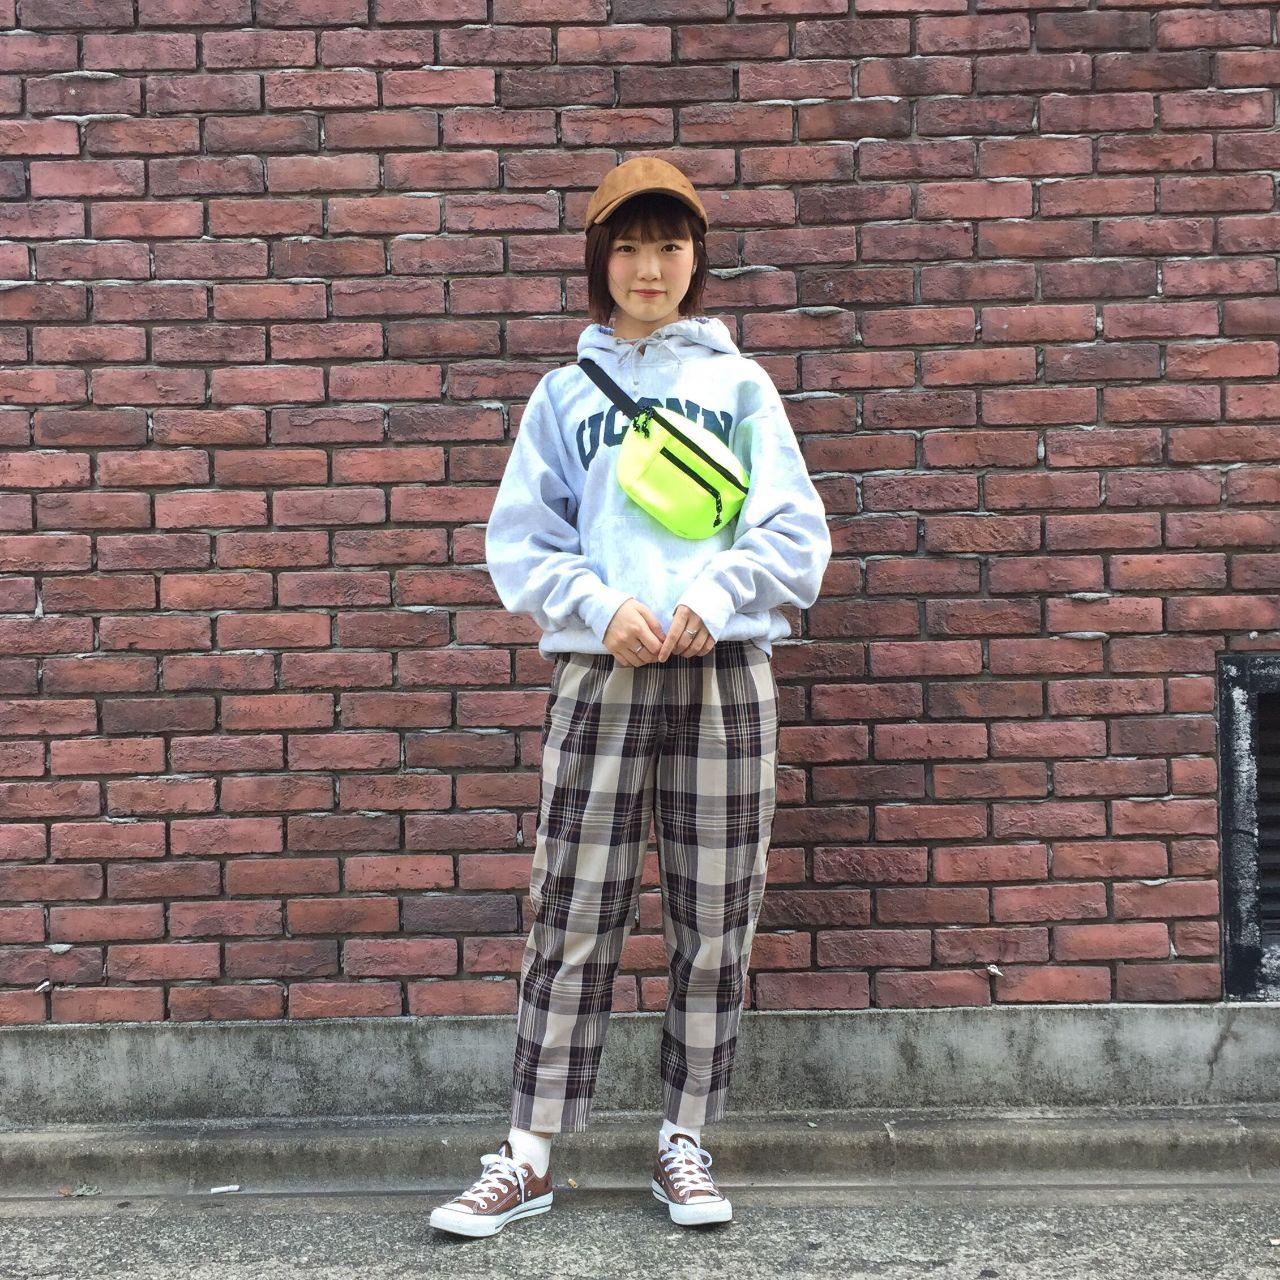 チャンピオンが可愛い!! | まな | wego(ウィゴー)staff blog